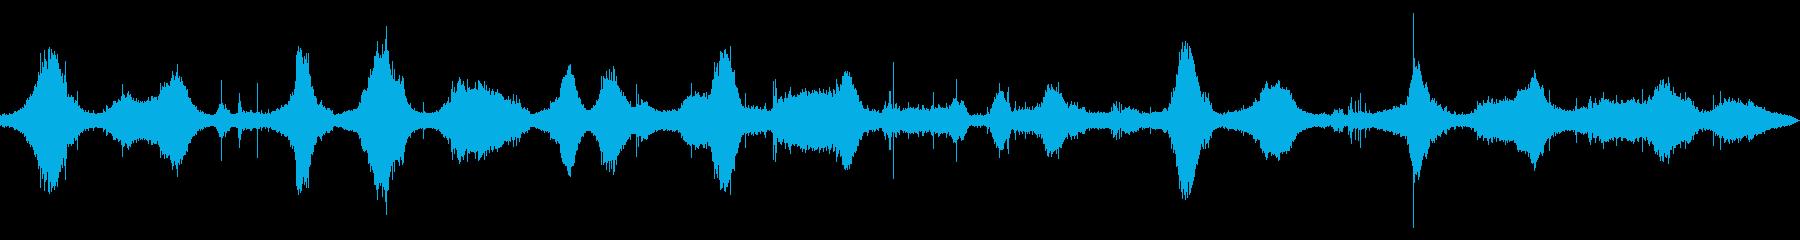 波の音6  岩場付近 強め【徳島】の再生済みの波形